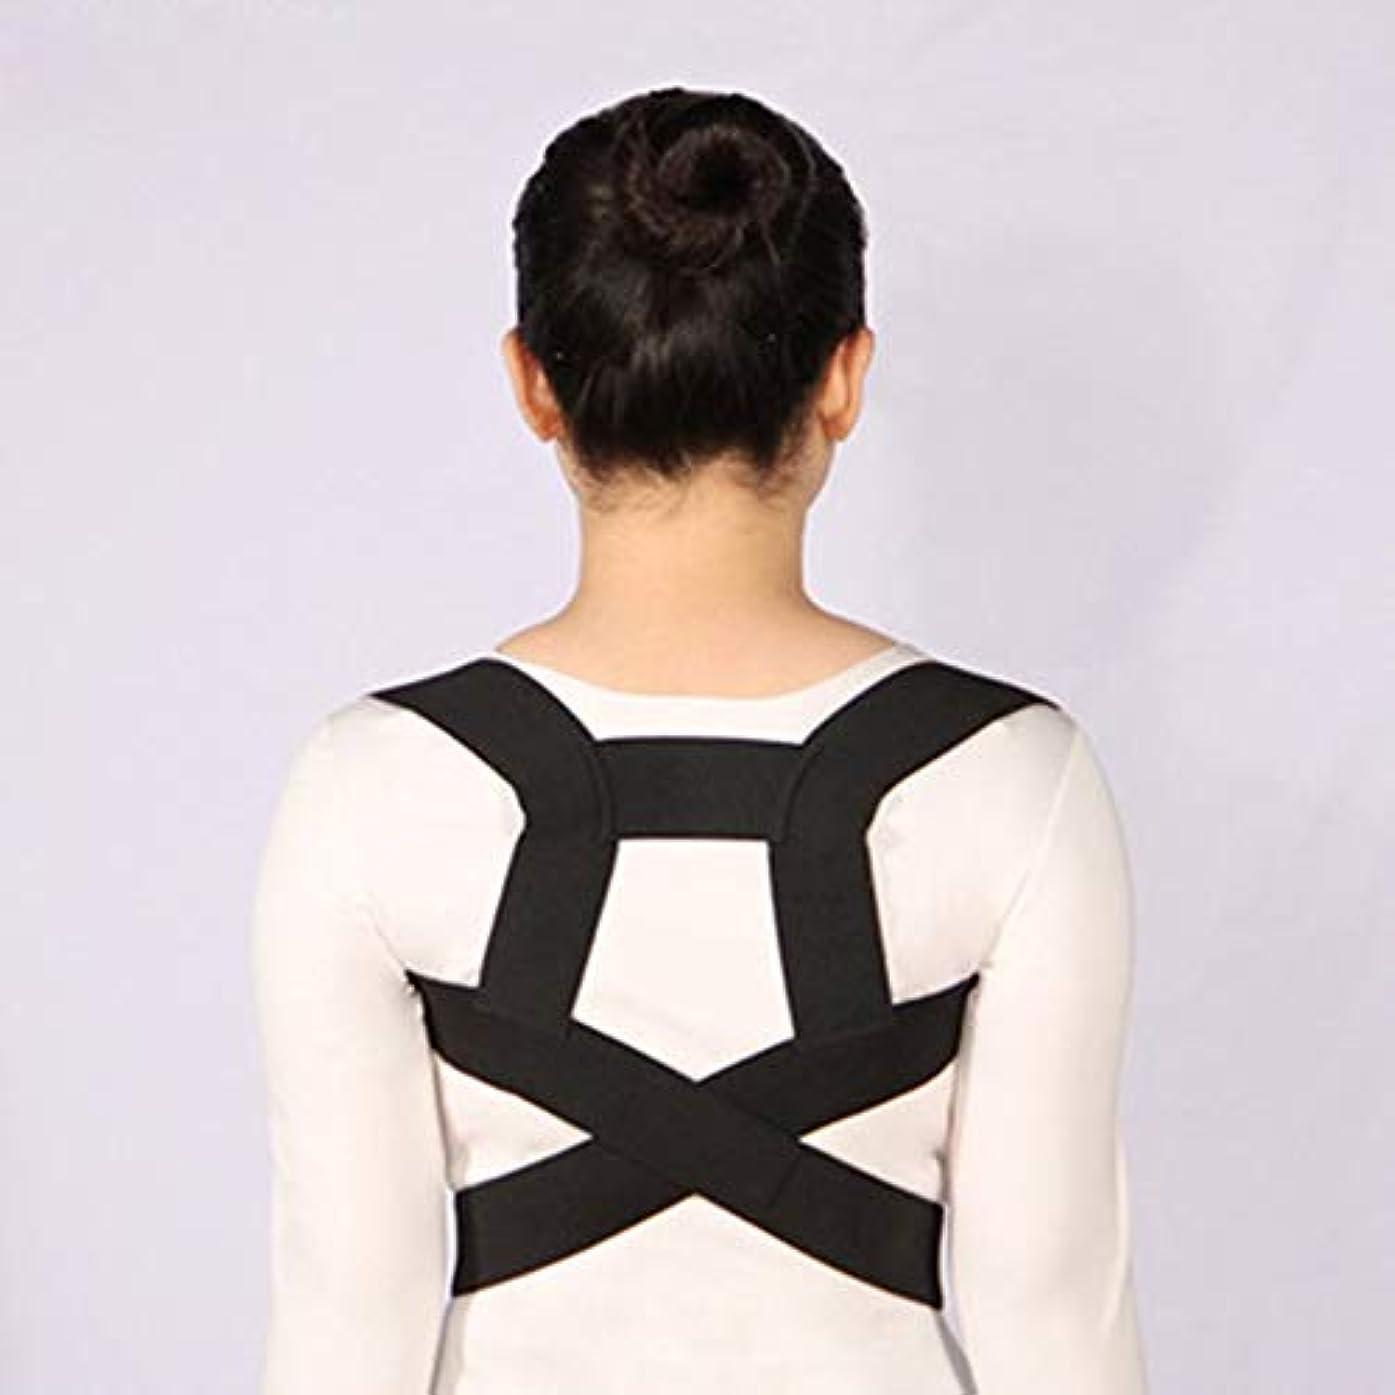 入手します返還手を差し伸べる姿勢矯正側弯症ザトウクジラ補正ベルト調節可能な快適さ目に見えないベルト男性女性大人シンプル - 黒